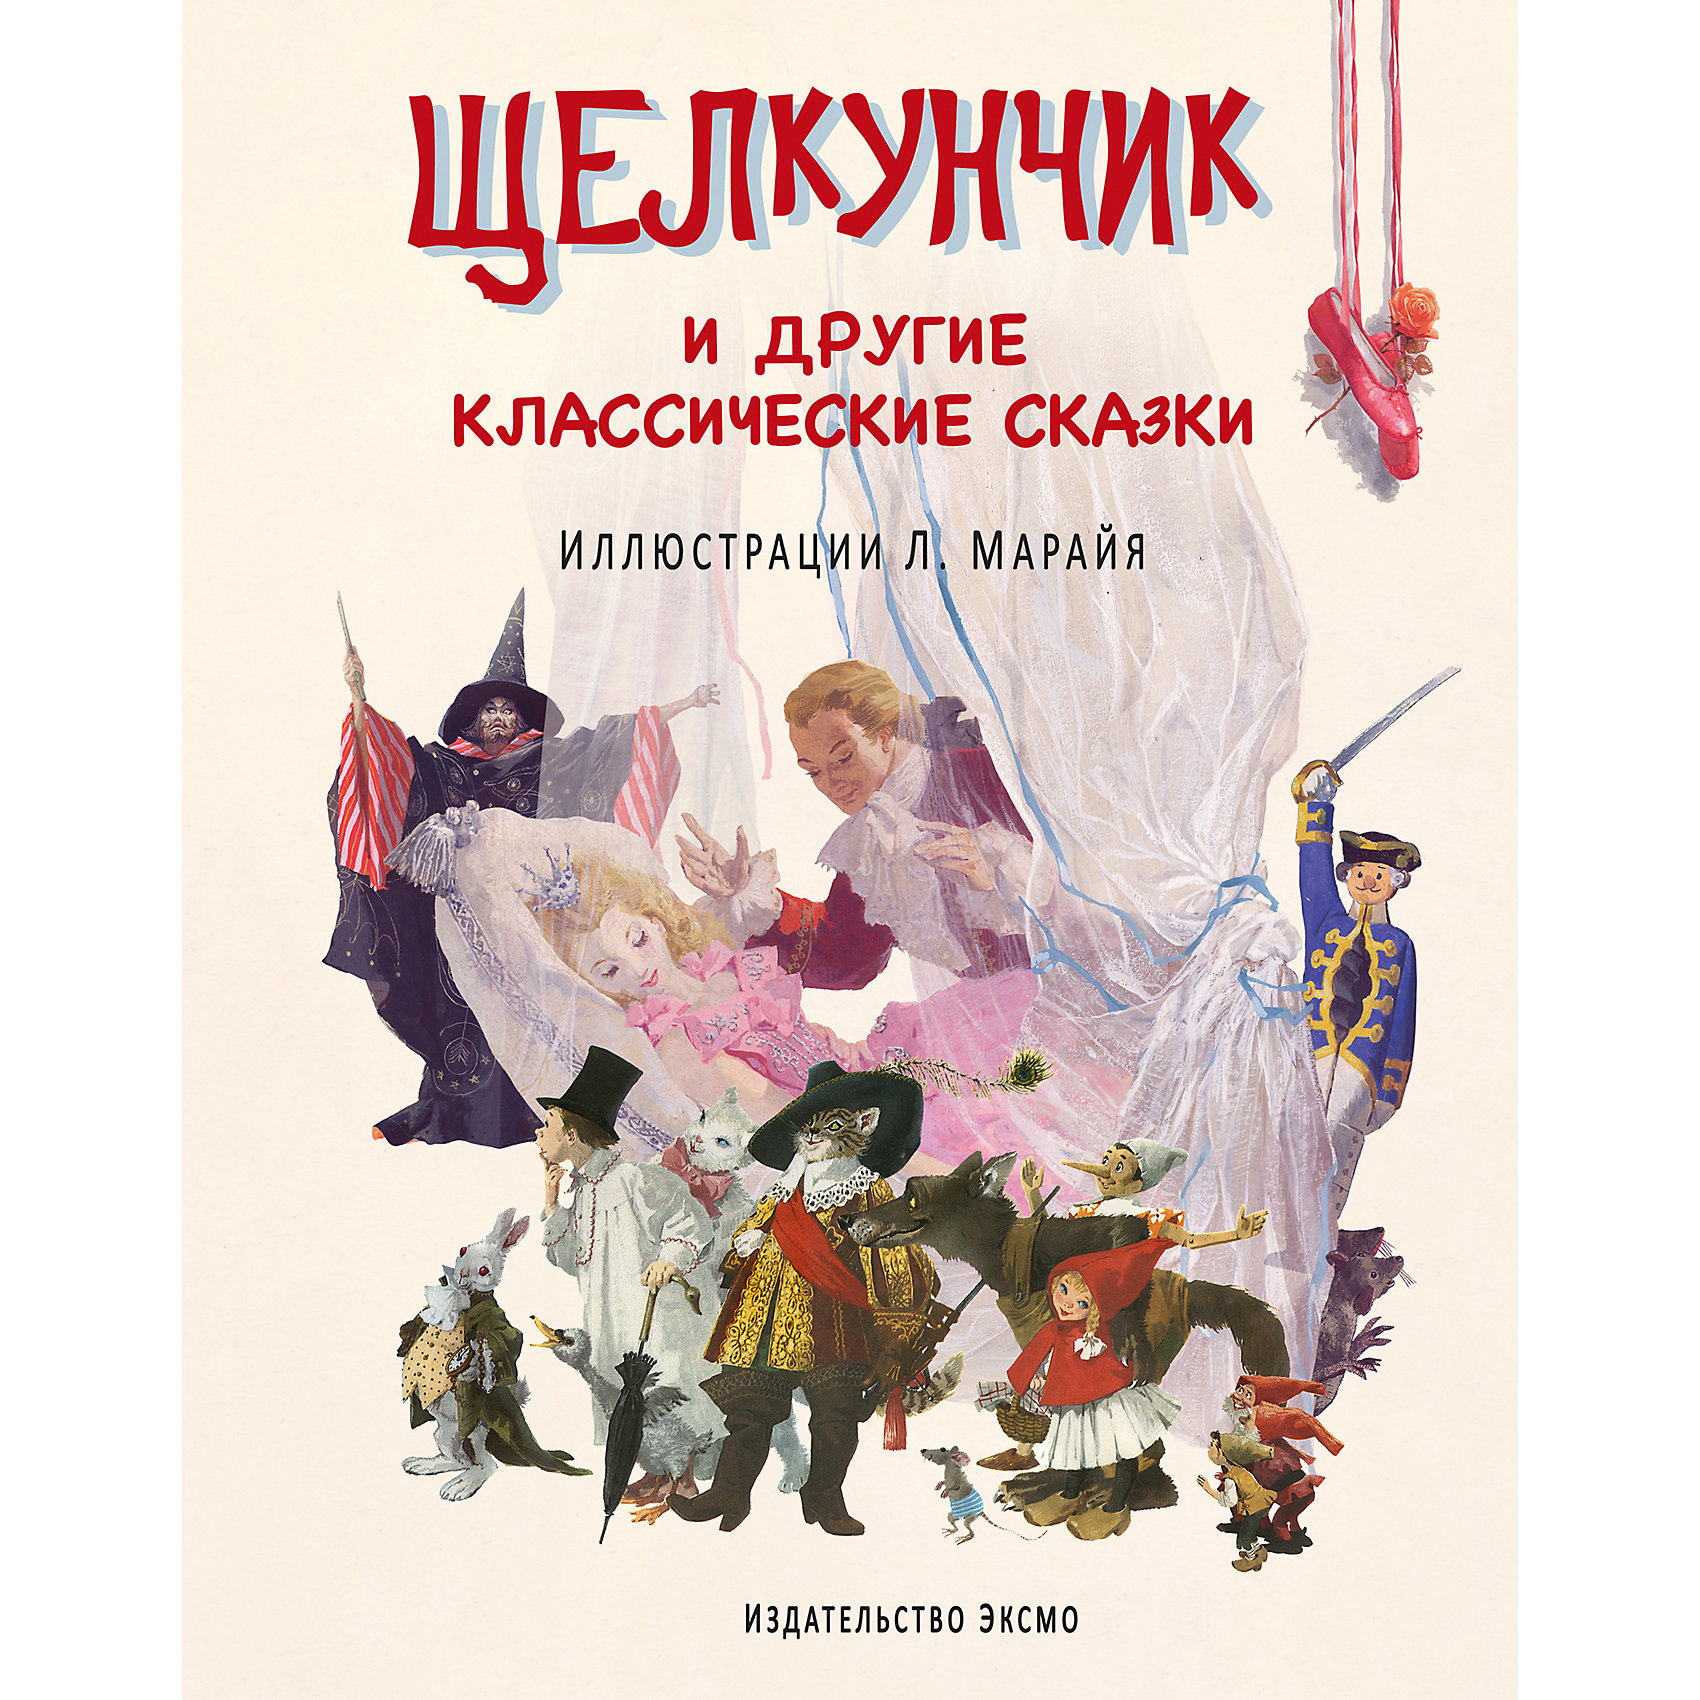 Щелкунчик и другие классические сказки